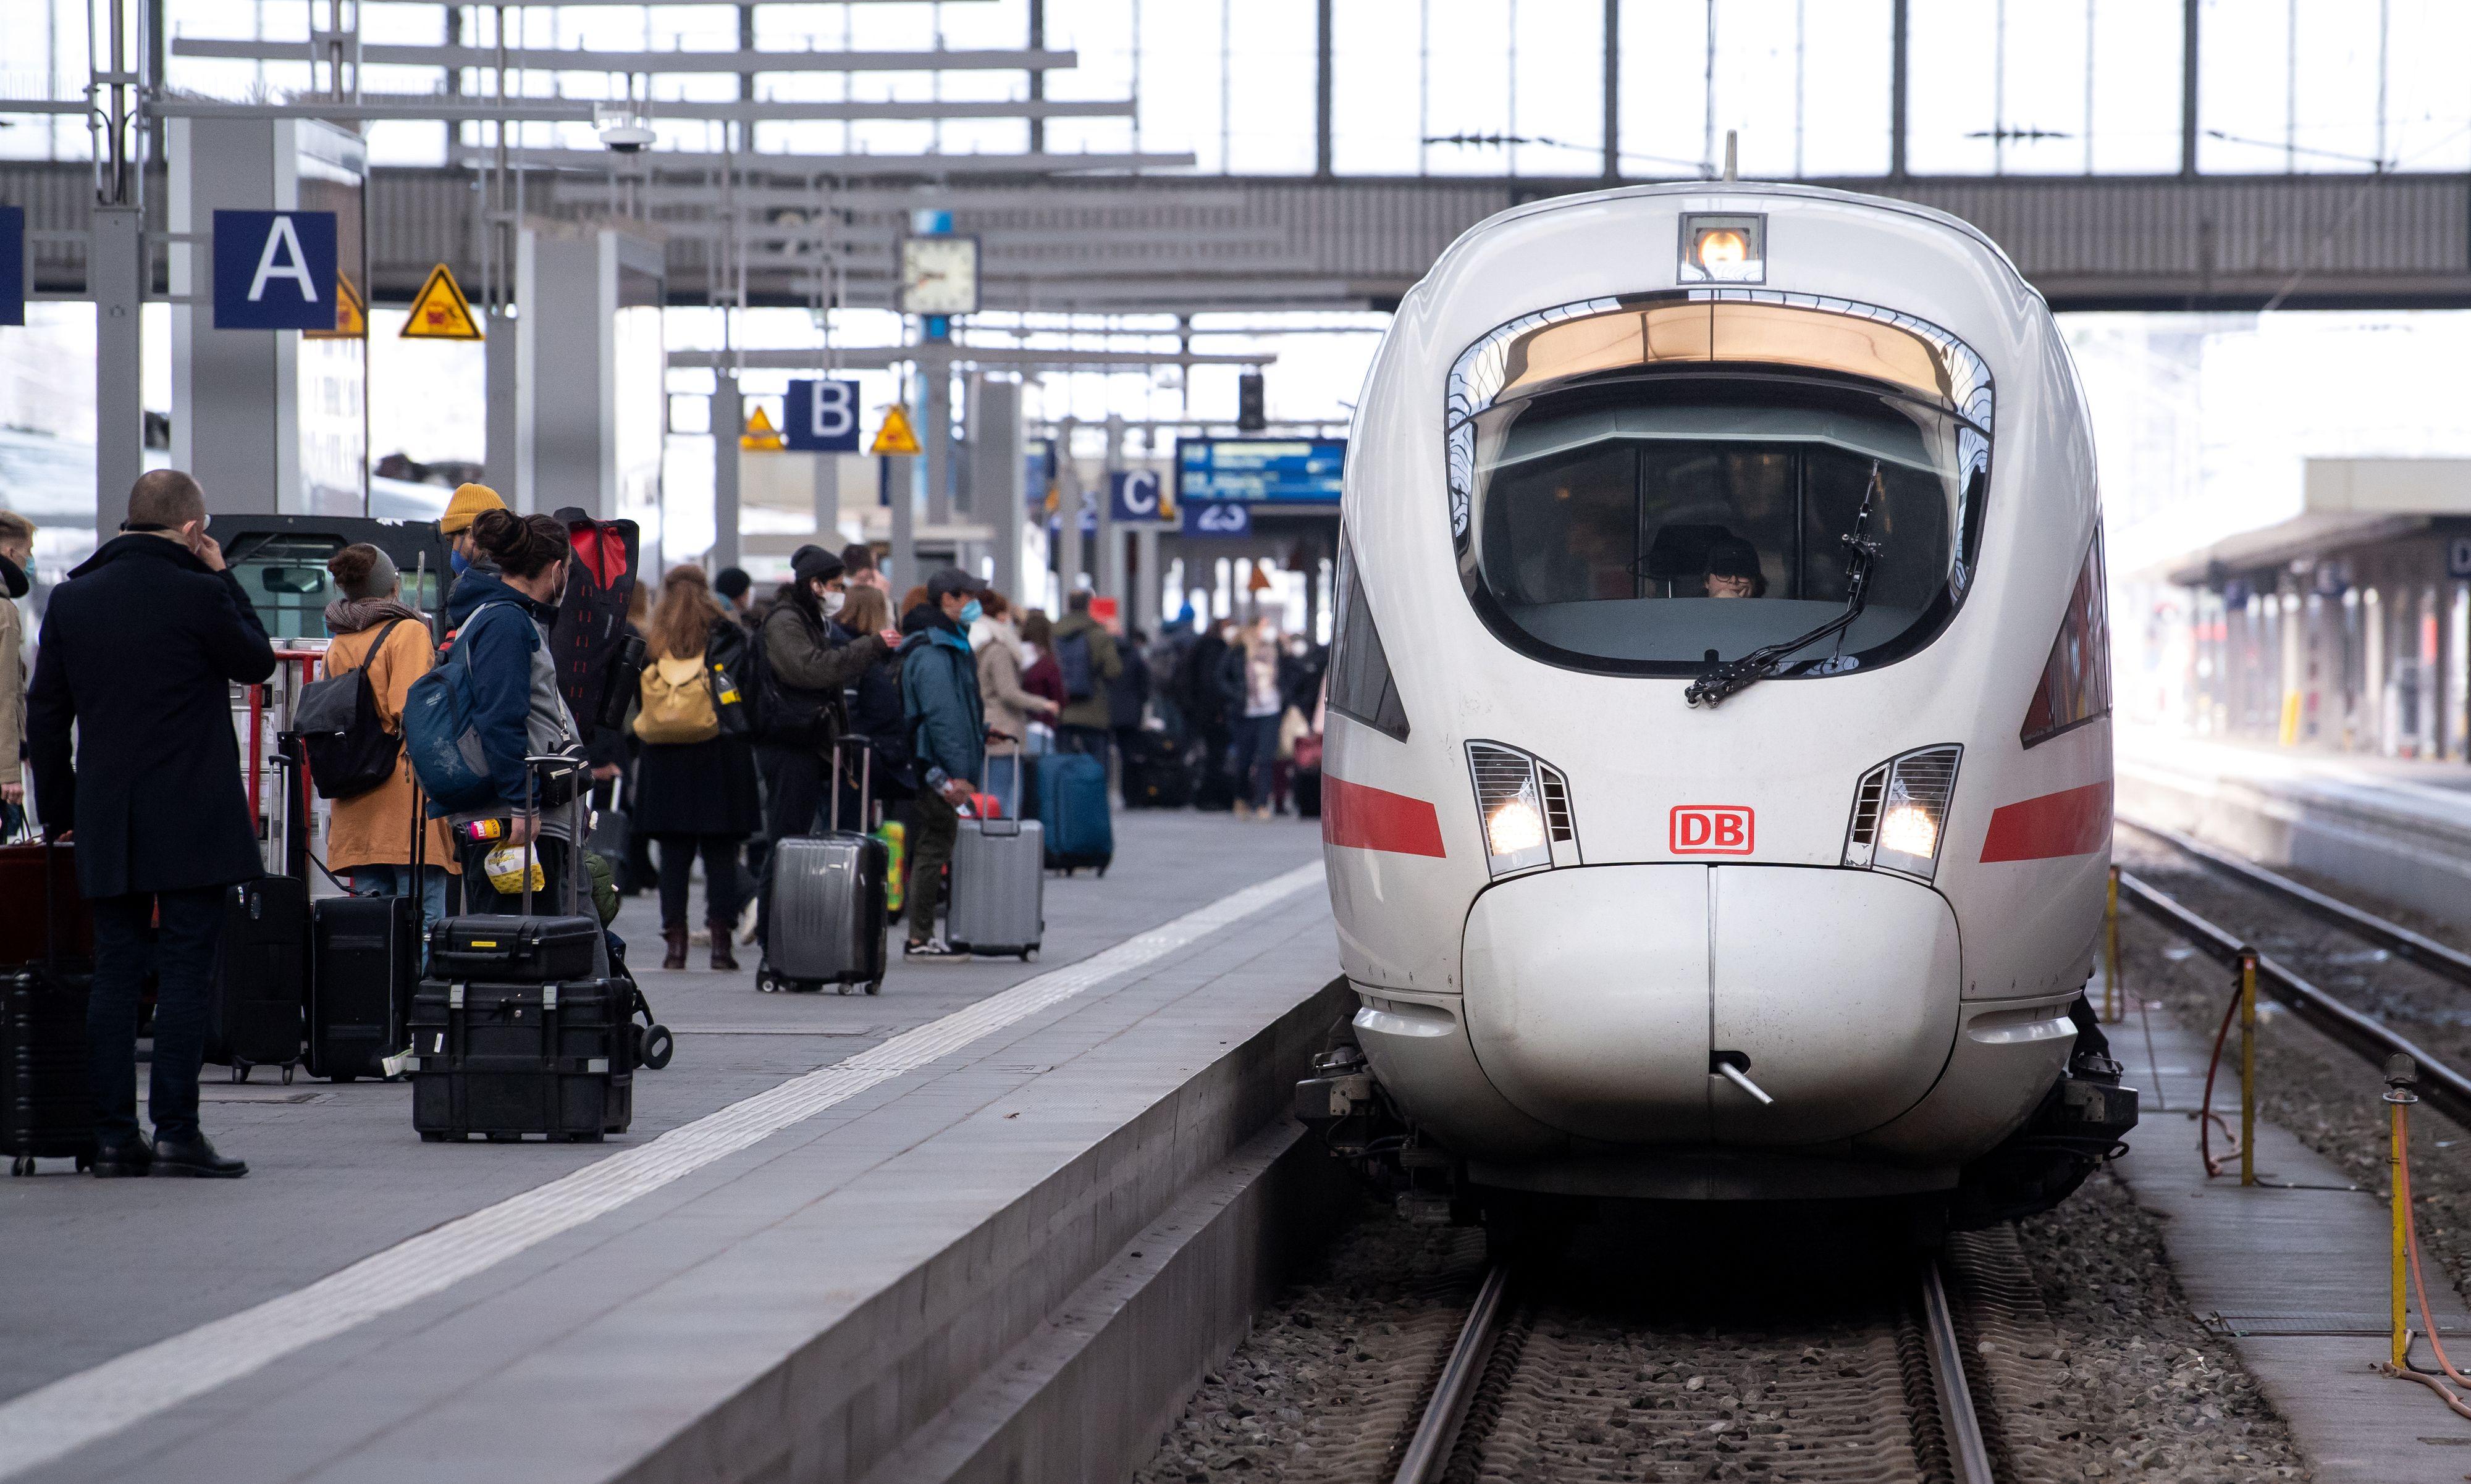 ICEs bald auch am Cloppenburger Bahnsteig? Wenn es nach Professor Dr. Lucien Olivier geht, ja. Symbolfoto: dpa